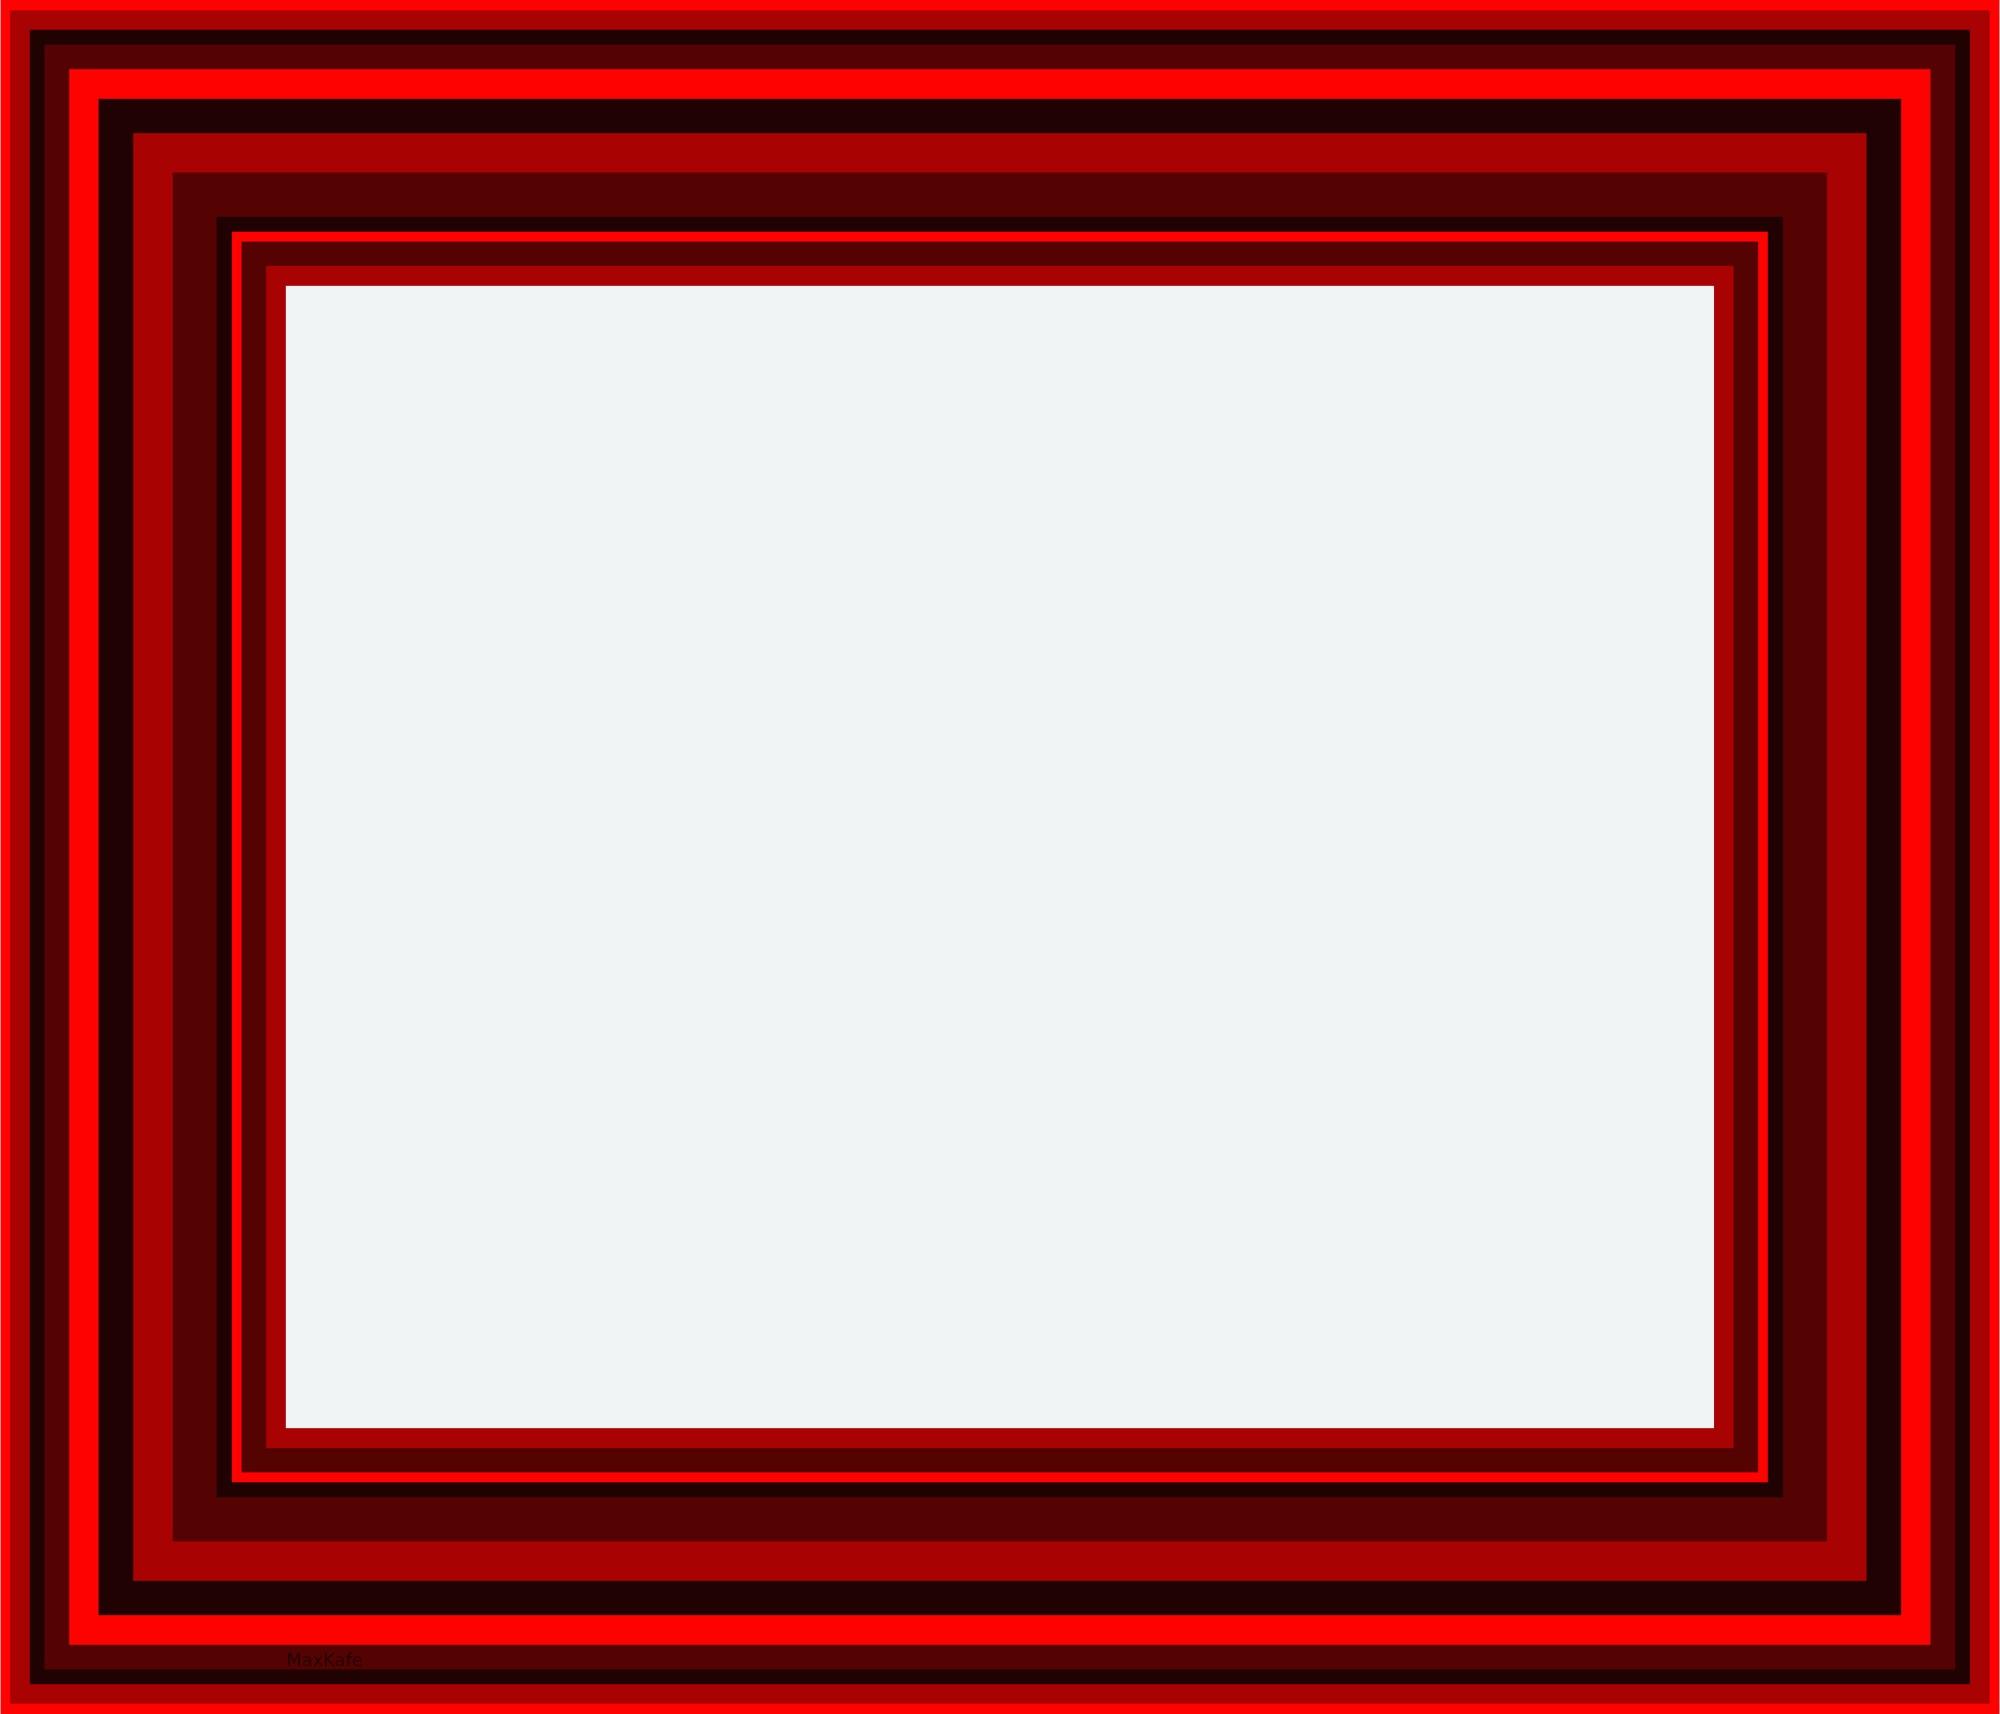 """MK16LFS101 Frame 6x7 Red <a href=""""https://dl.orangedox.com/YgRJJb"""">[DOWNLOAD]</a>"""